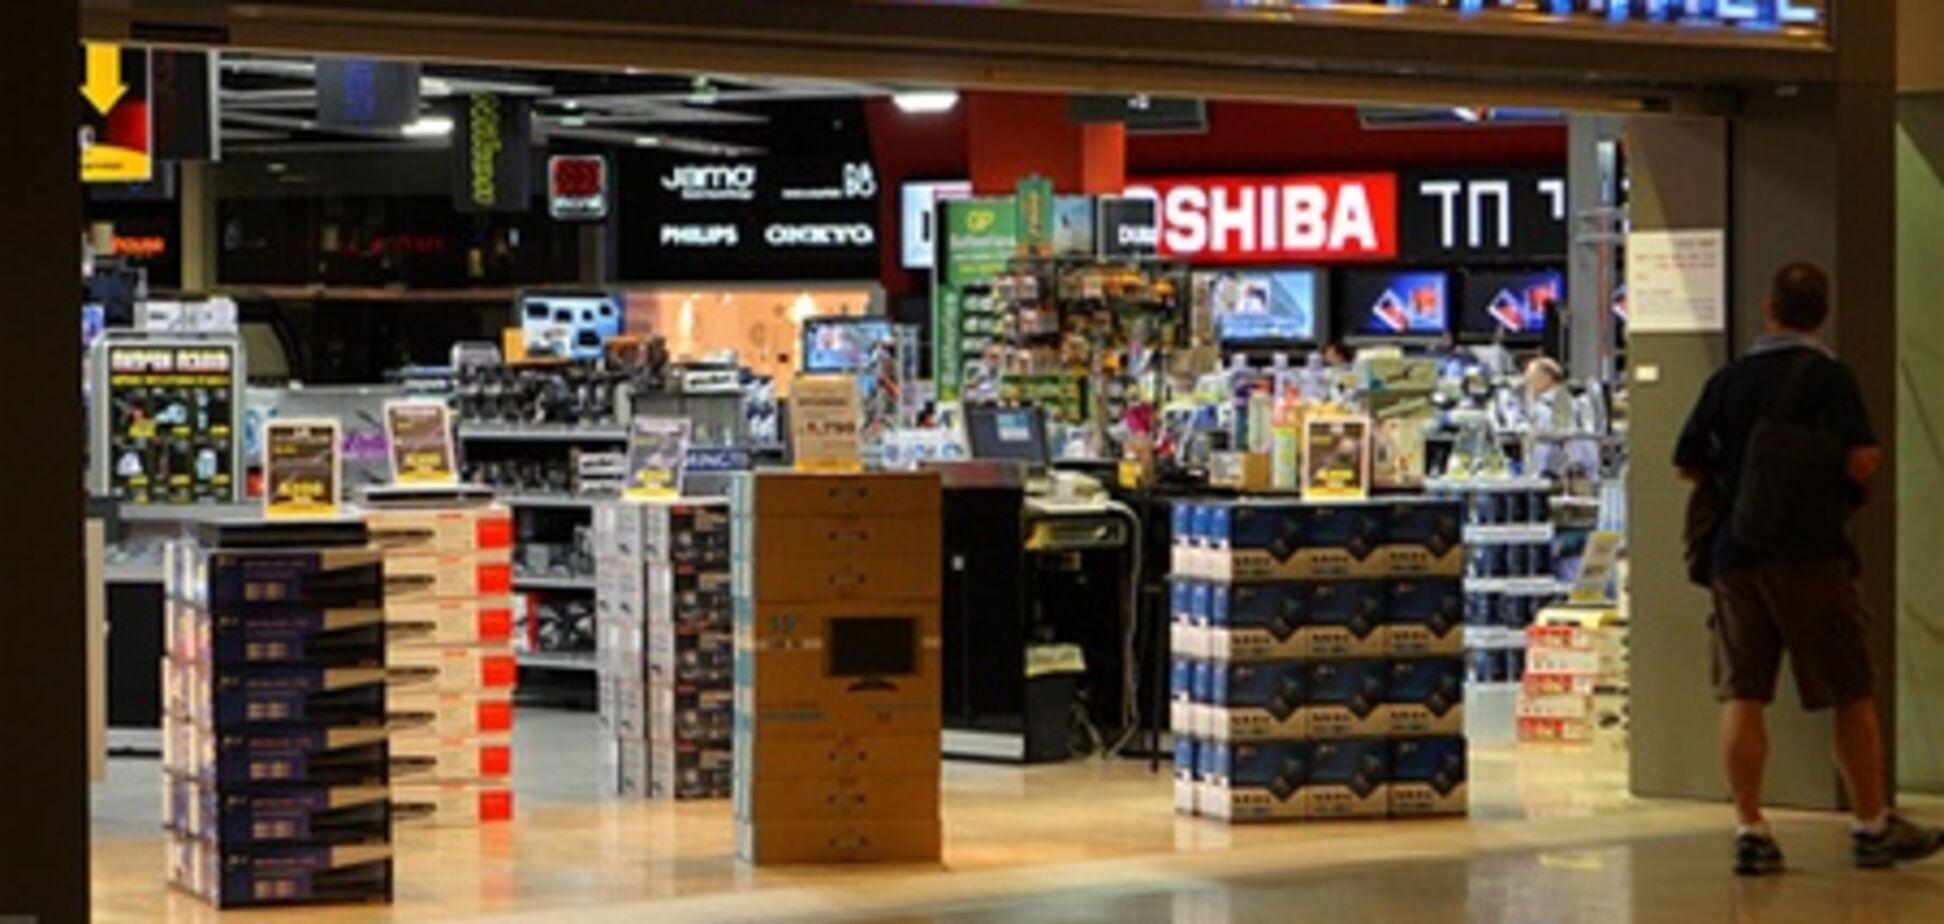 Прокуратура проводит комплексную проверку магазинов duty-free